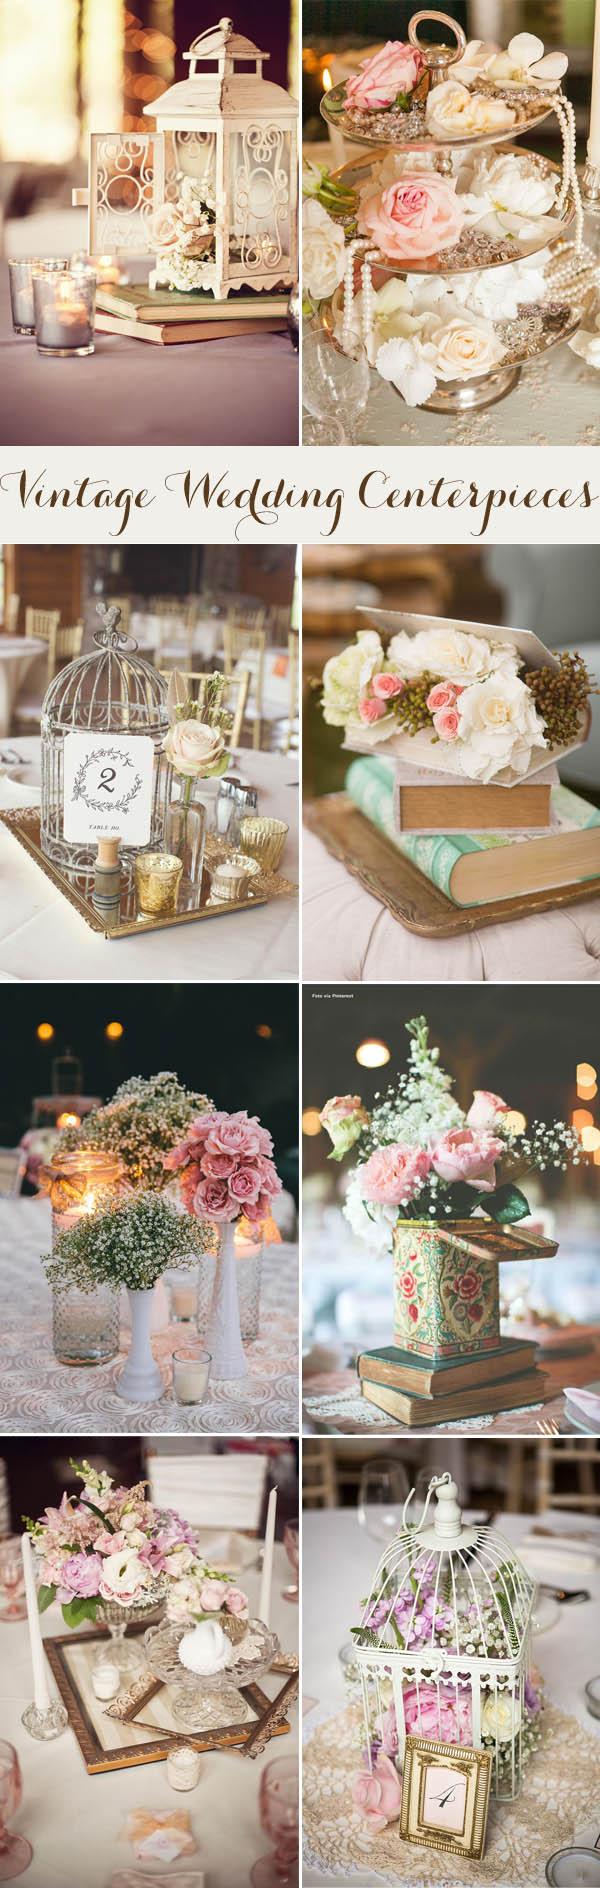 20 inspiring vintage wedding